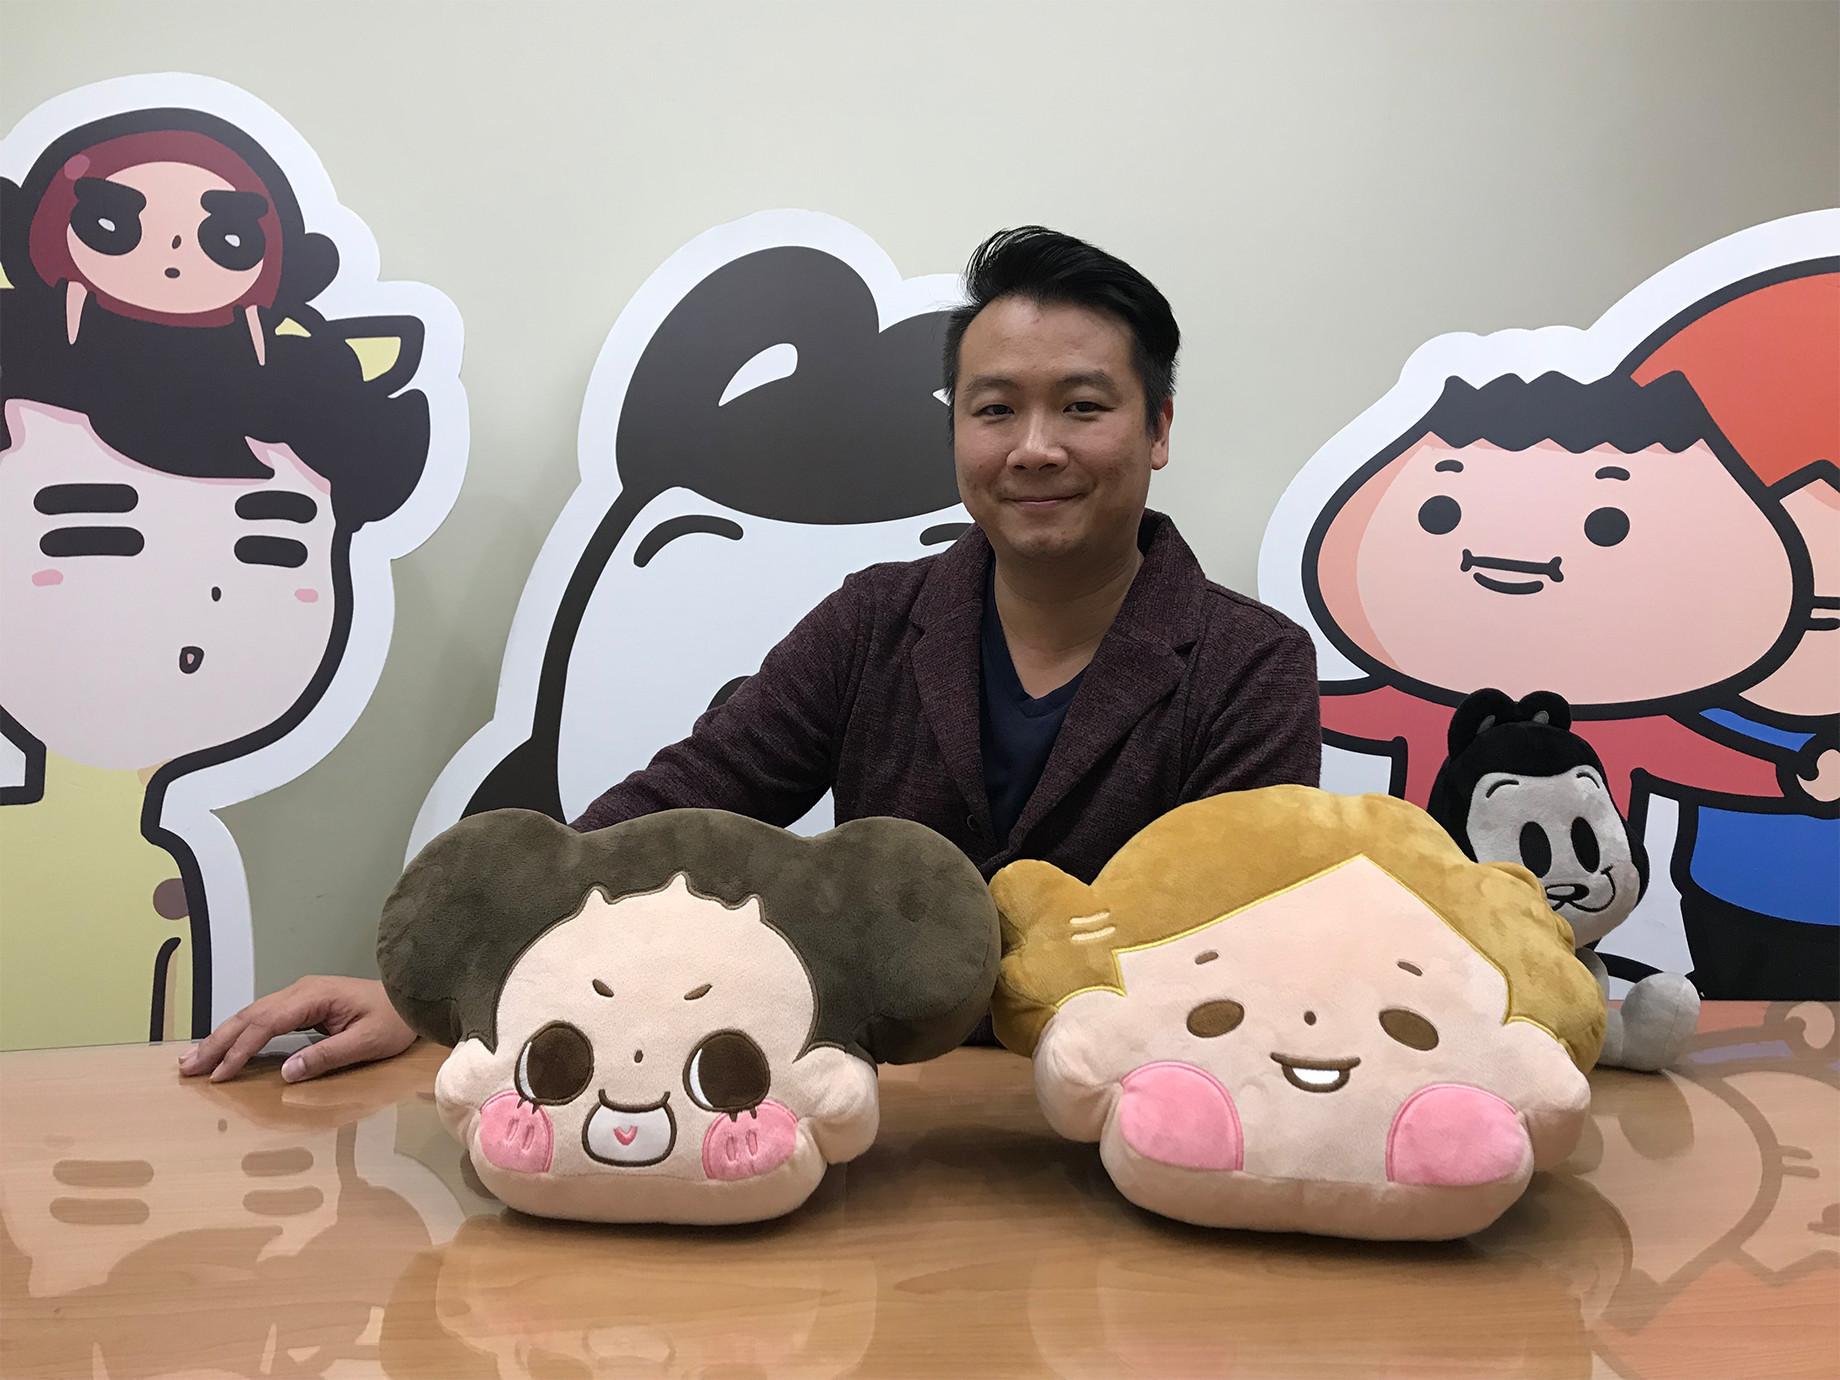 台灣自媒體協會企業報導》微逗國際3面向發展,幫插畫圖像「品牌化」